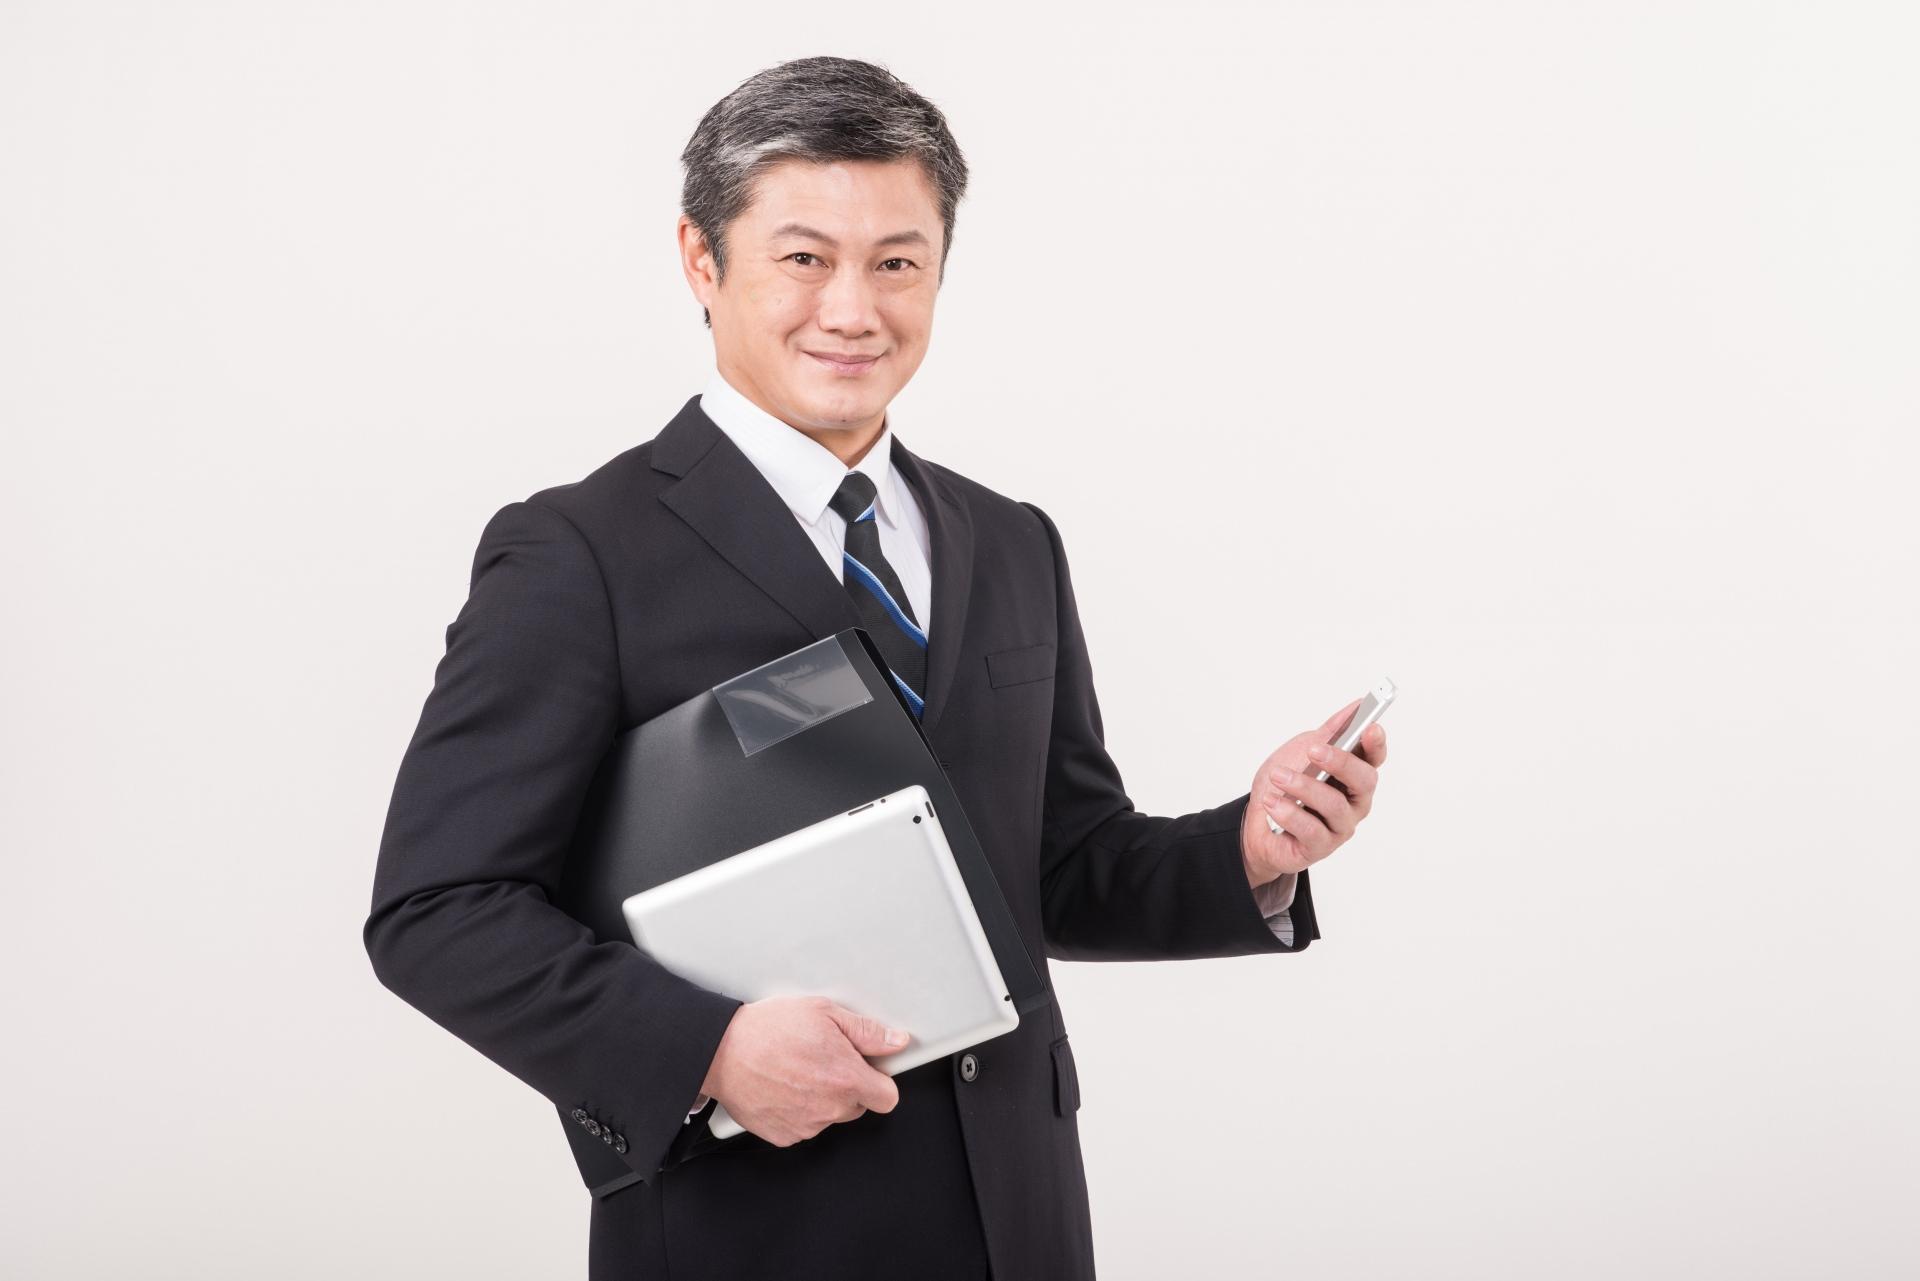 コールセンターでスーパーバイザーに求められる役割とは?